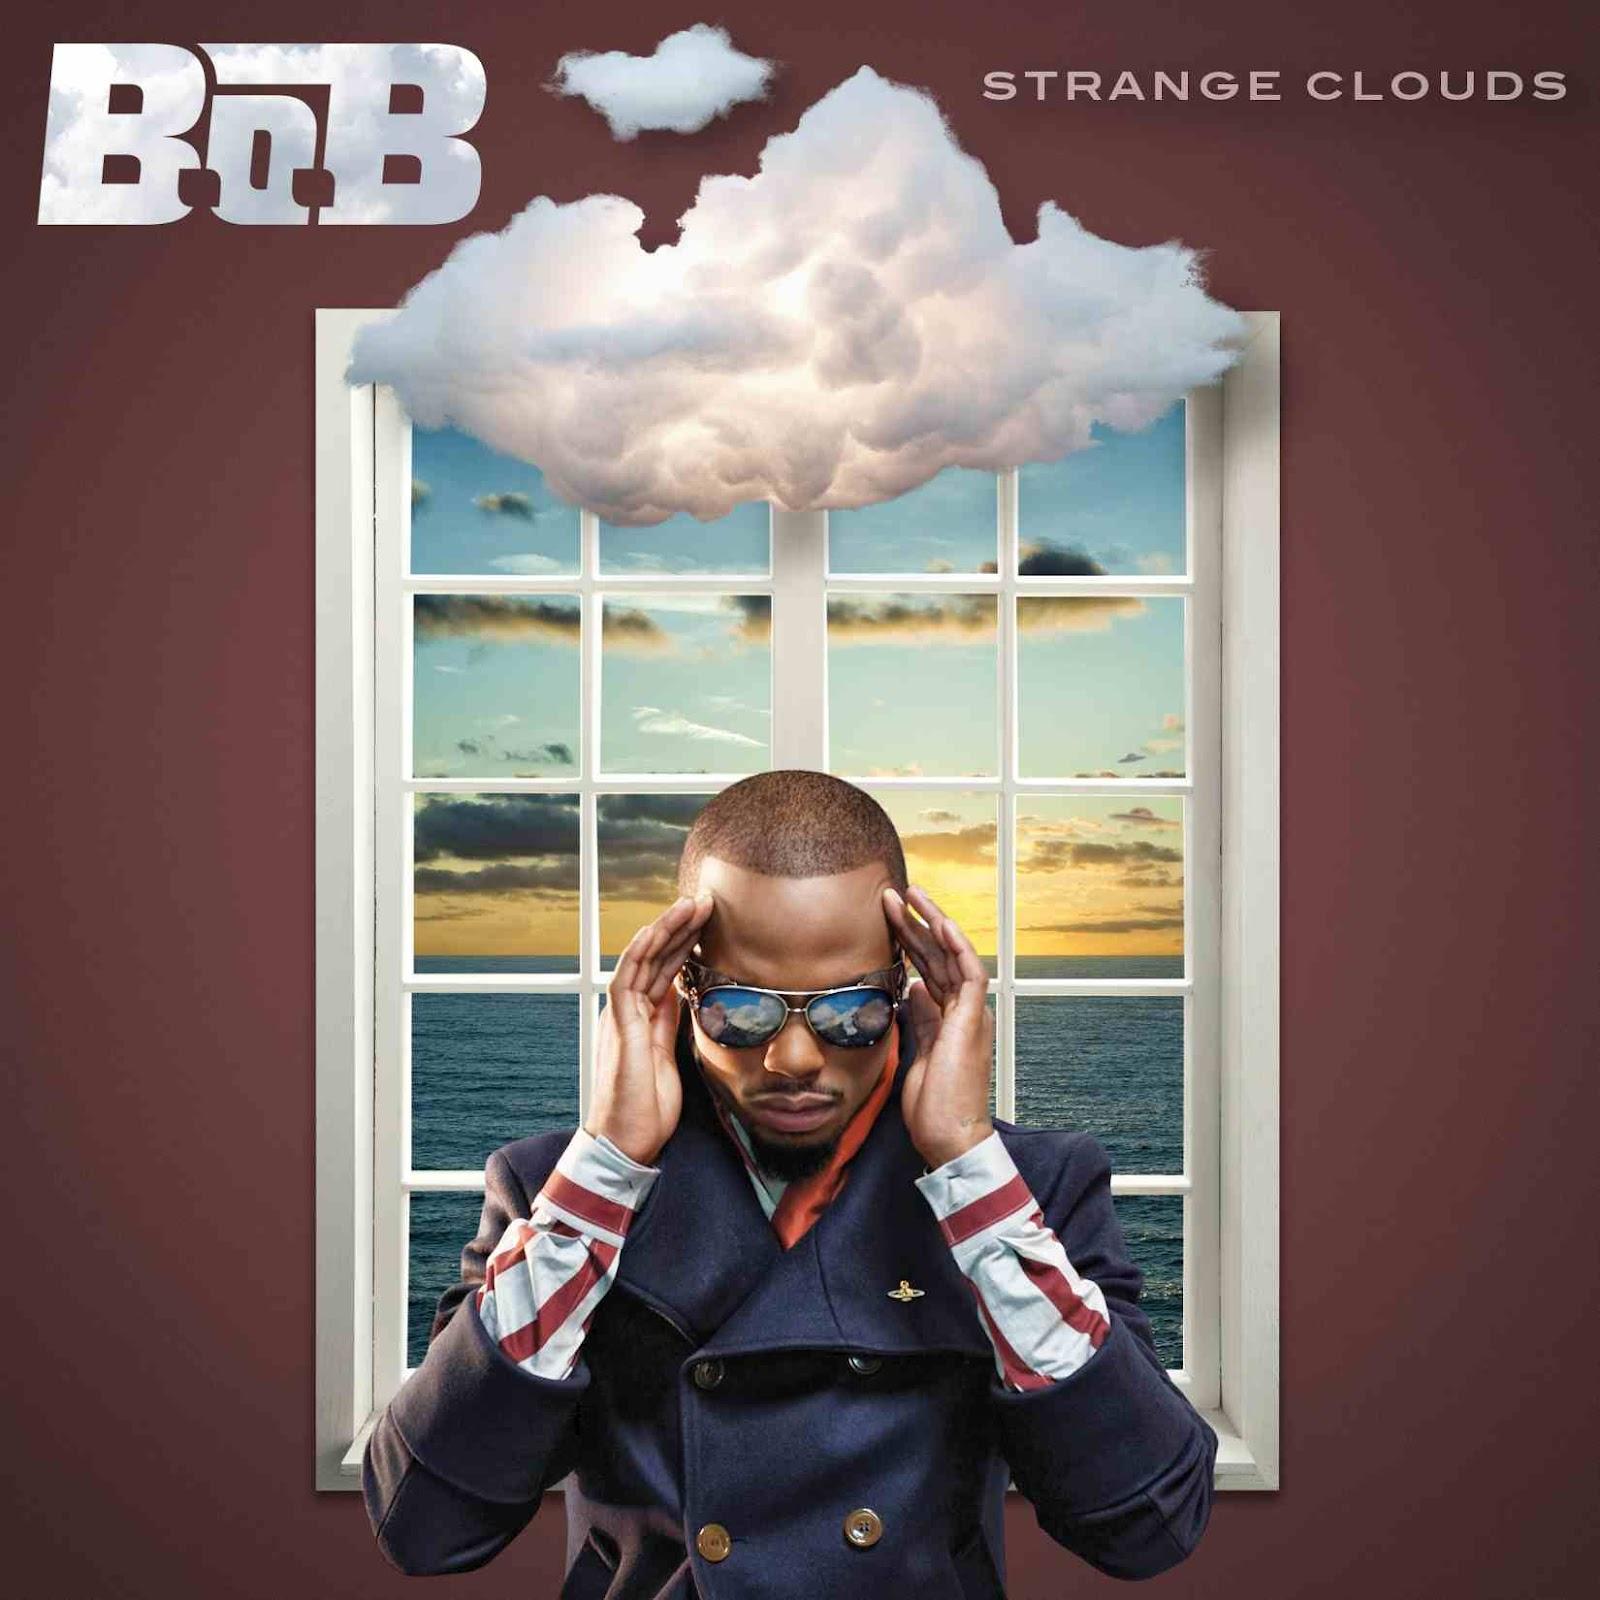 http://3.bp.blogspot.com/-YMWhPLQQBbM/T8NQHAFbxPI/AAAAAAAAApo/kbSpPl33tyg/s1600/B.o.B.+-+Strange+Clouds.jpg